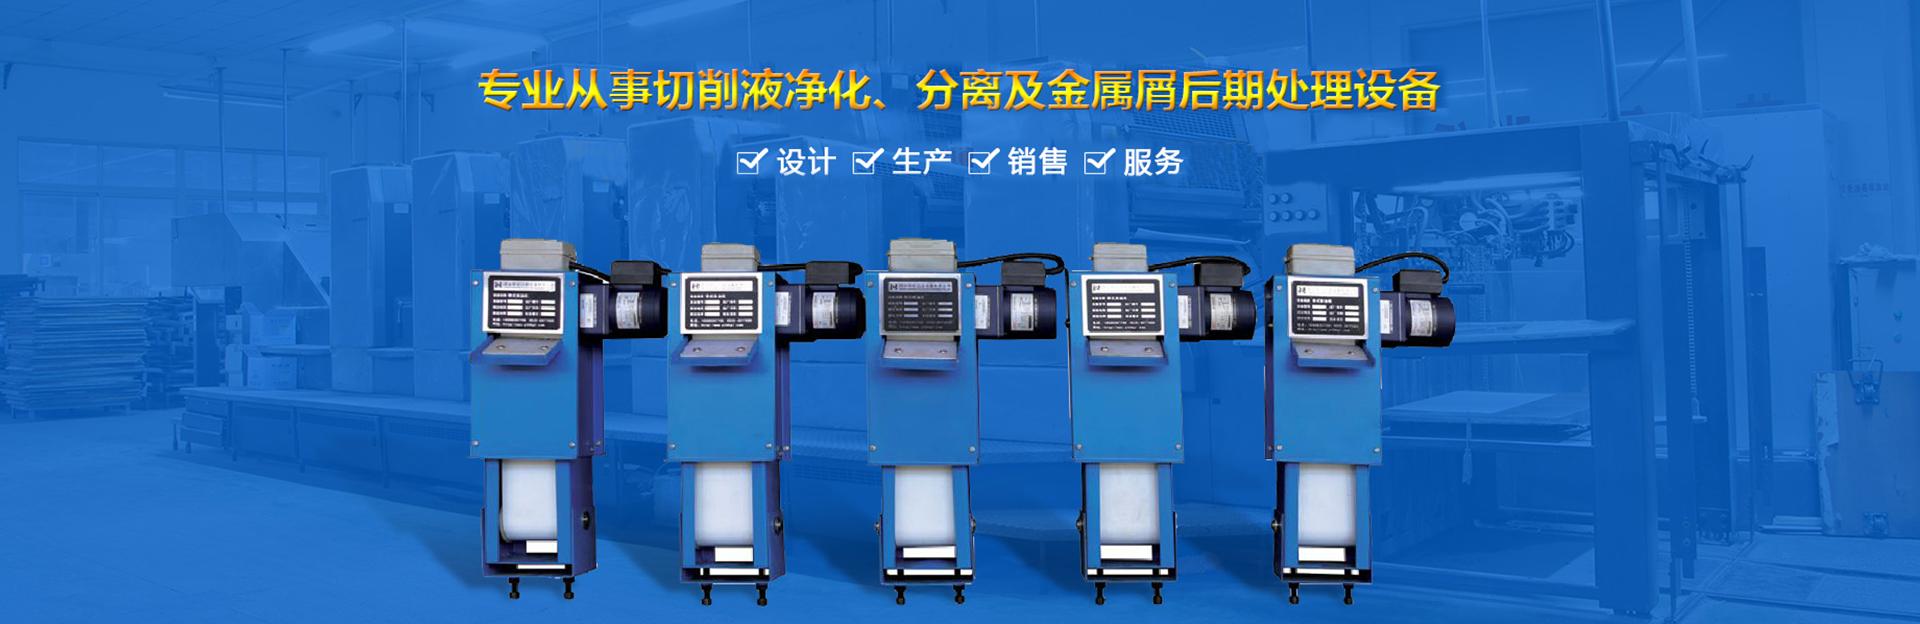 管式除油机,除油机,水箱清理机,机床清渣机